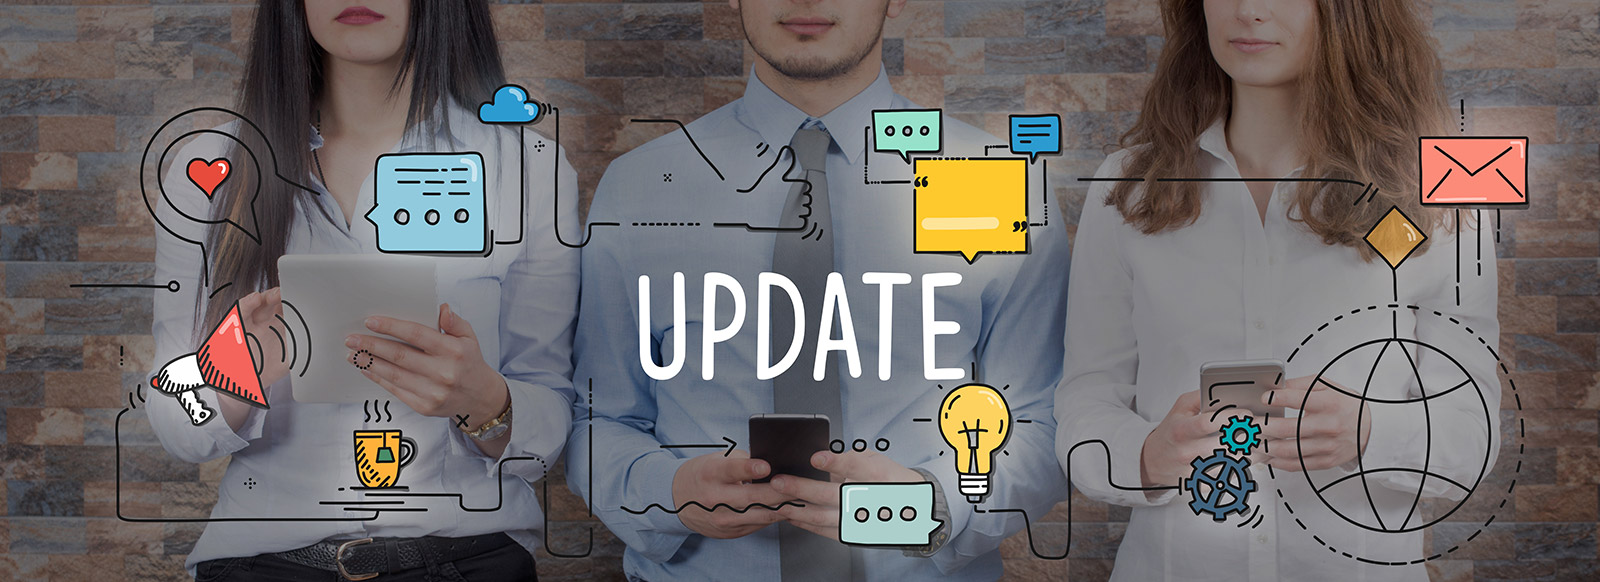 update-171752946-1600×582